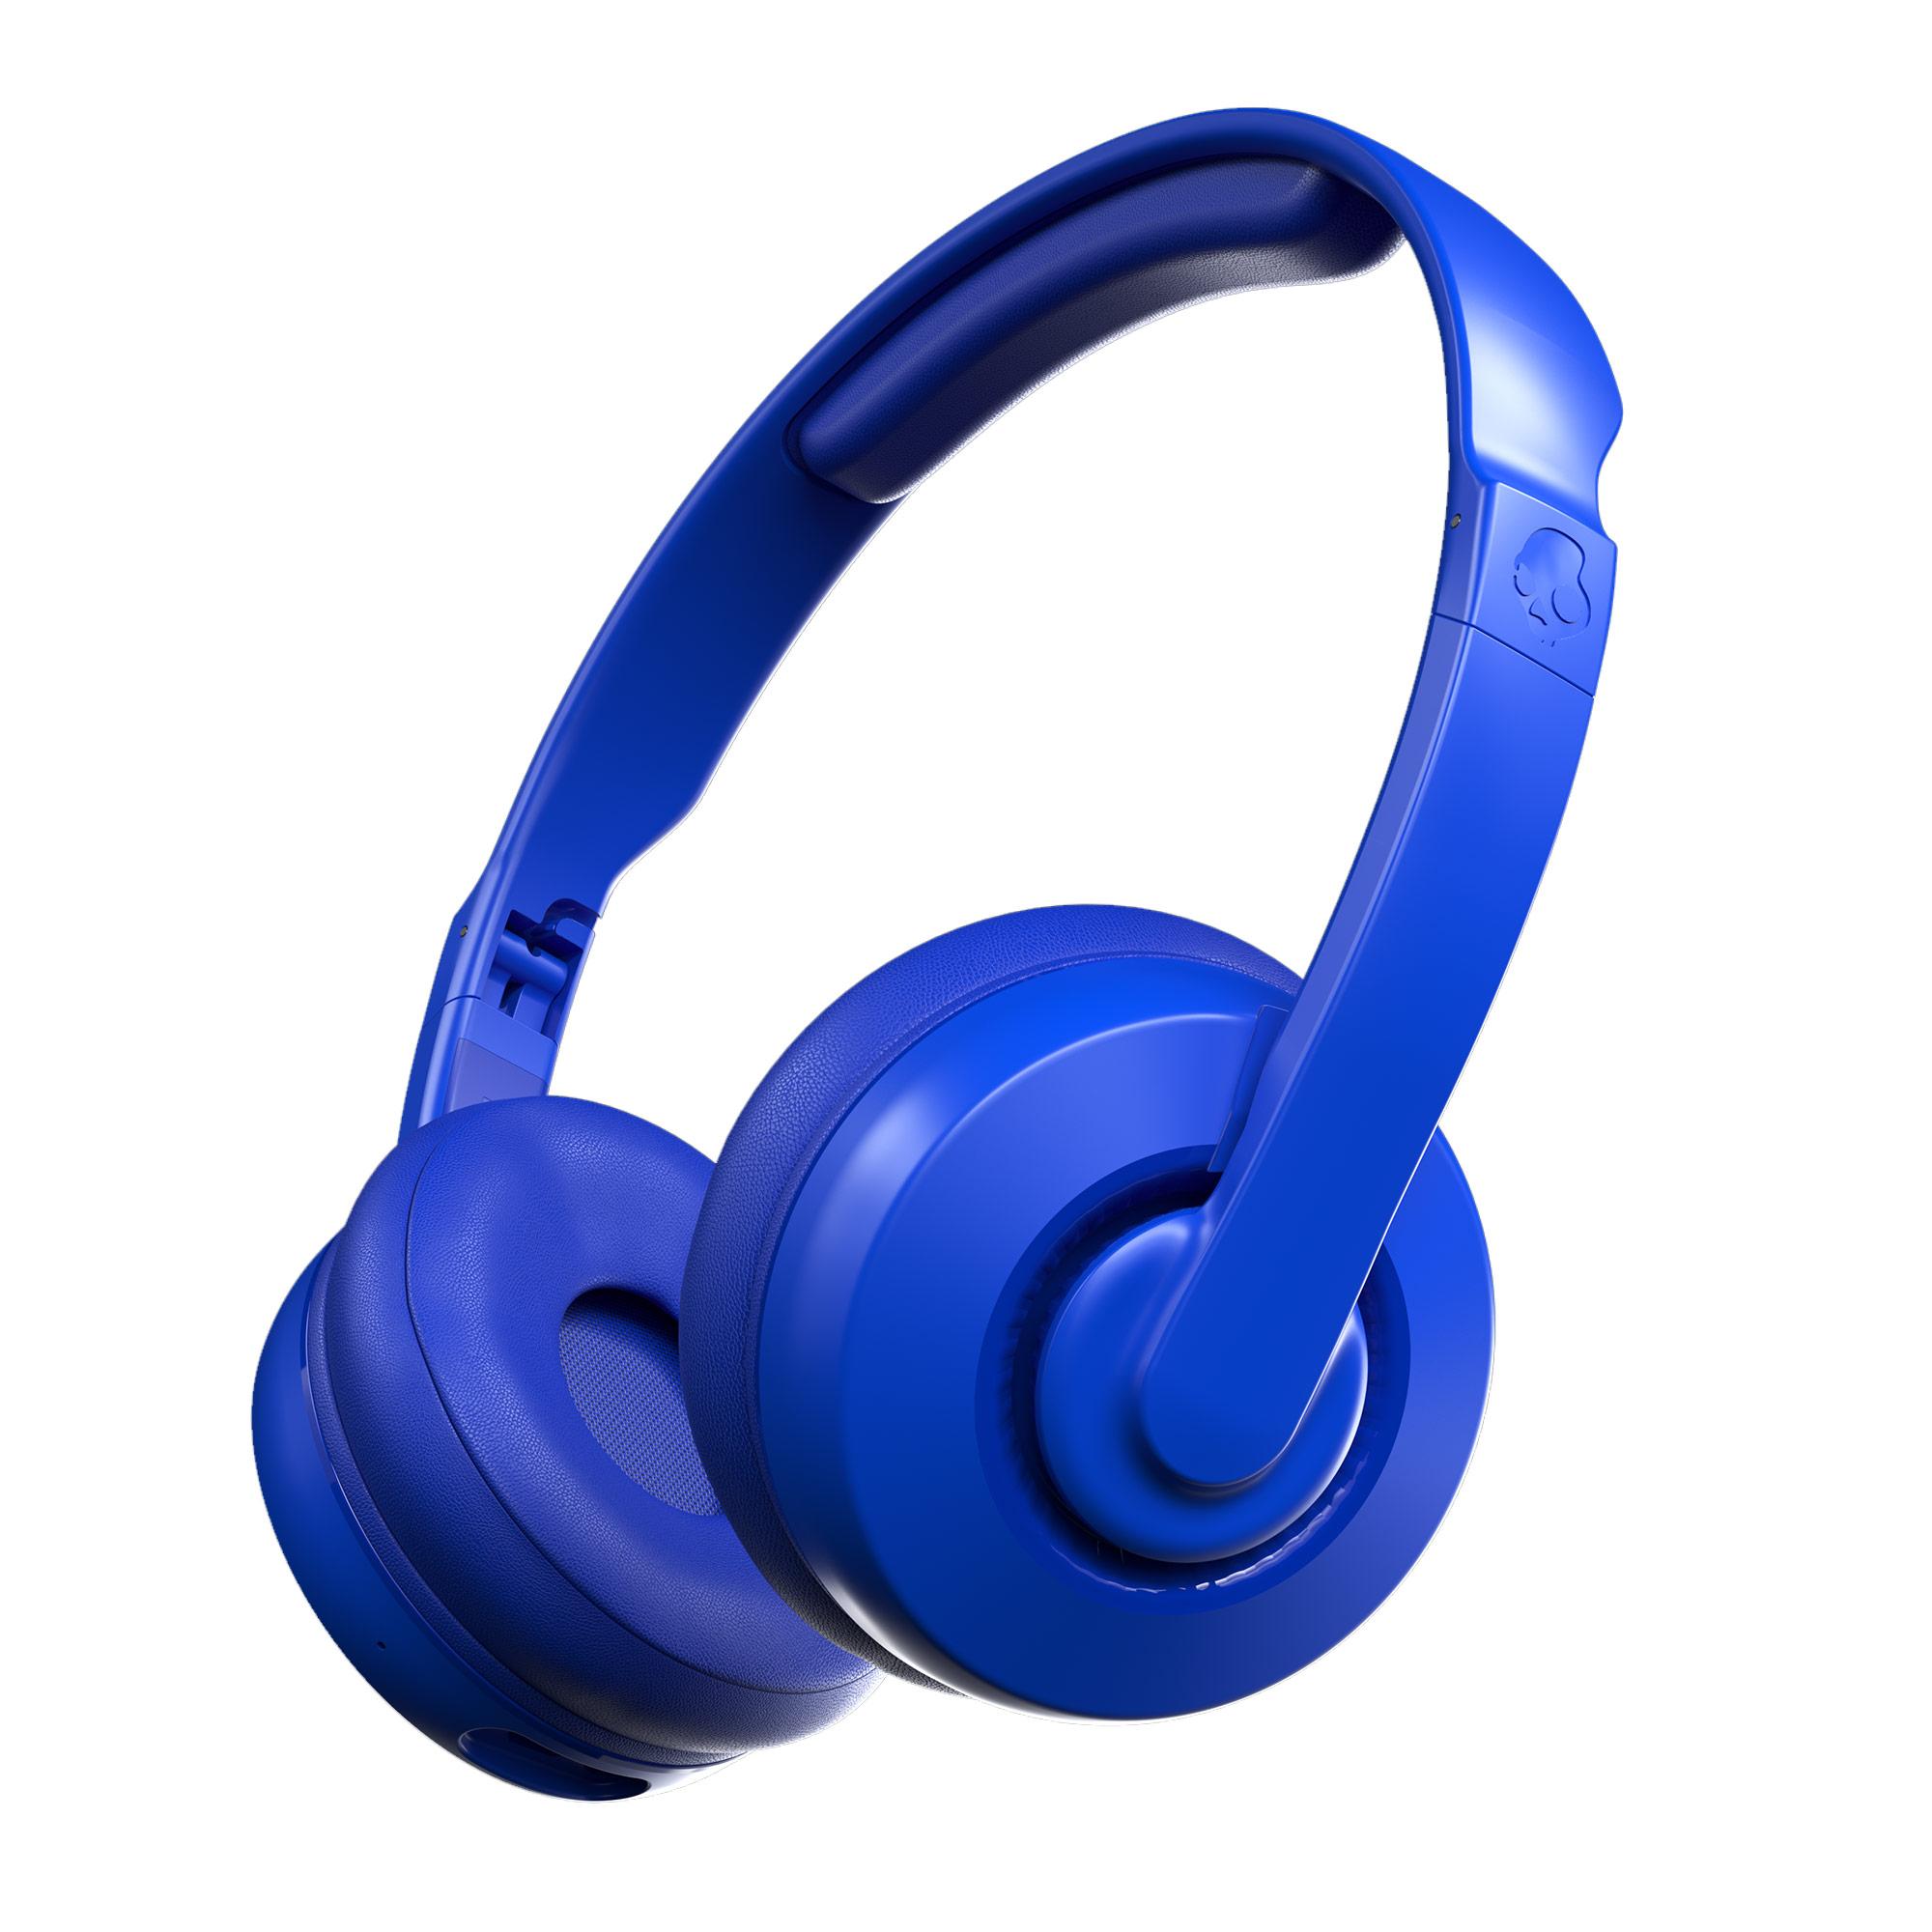 Skullcandy Cassette Wireless On-Ear Headphone – Cobalt Blue for $29